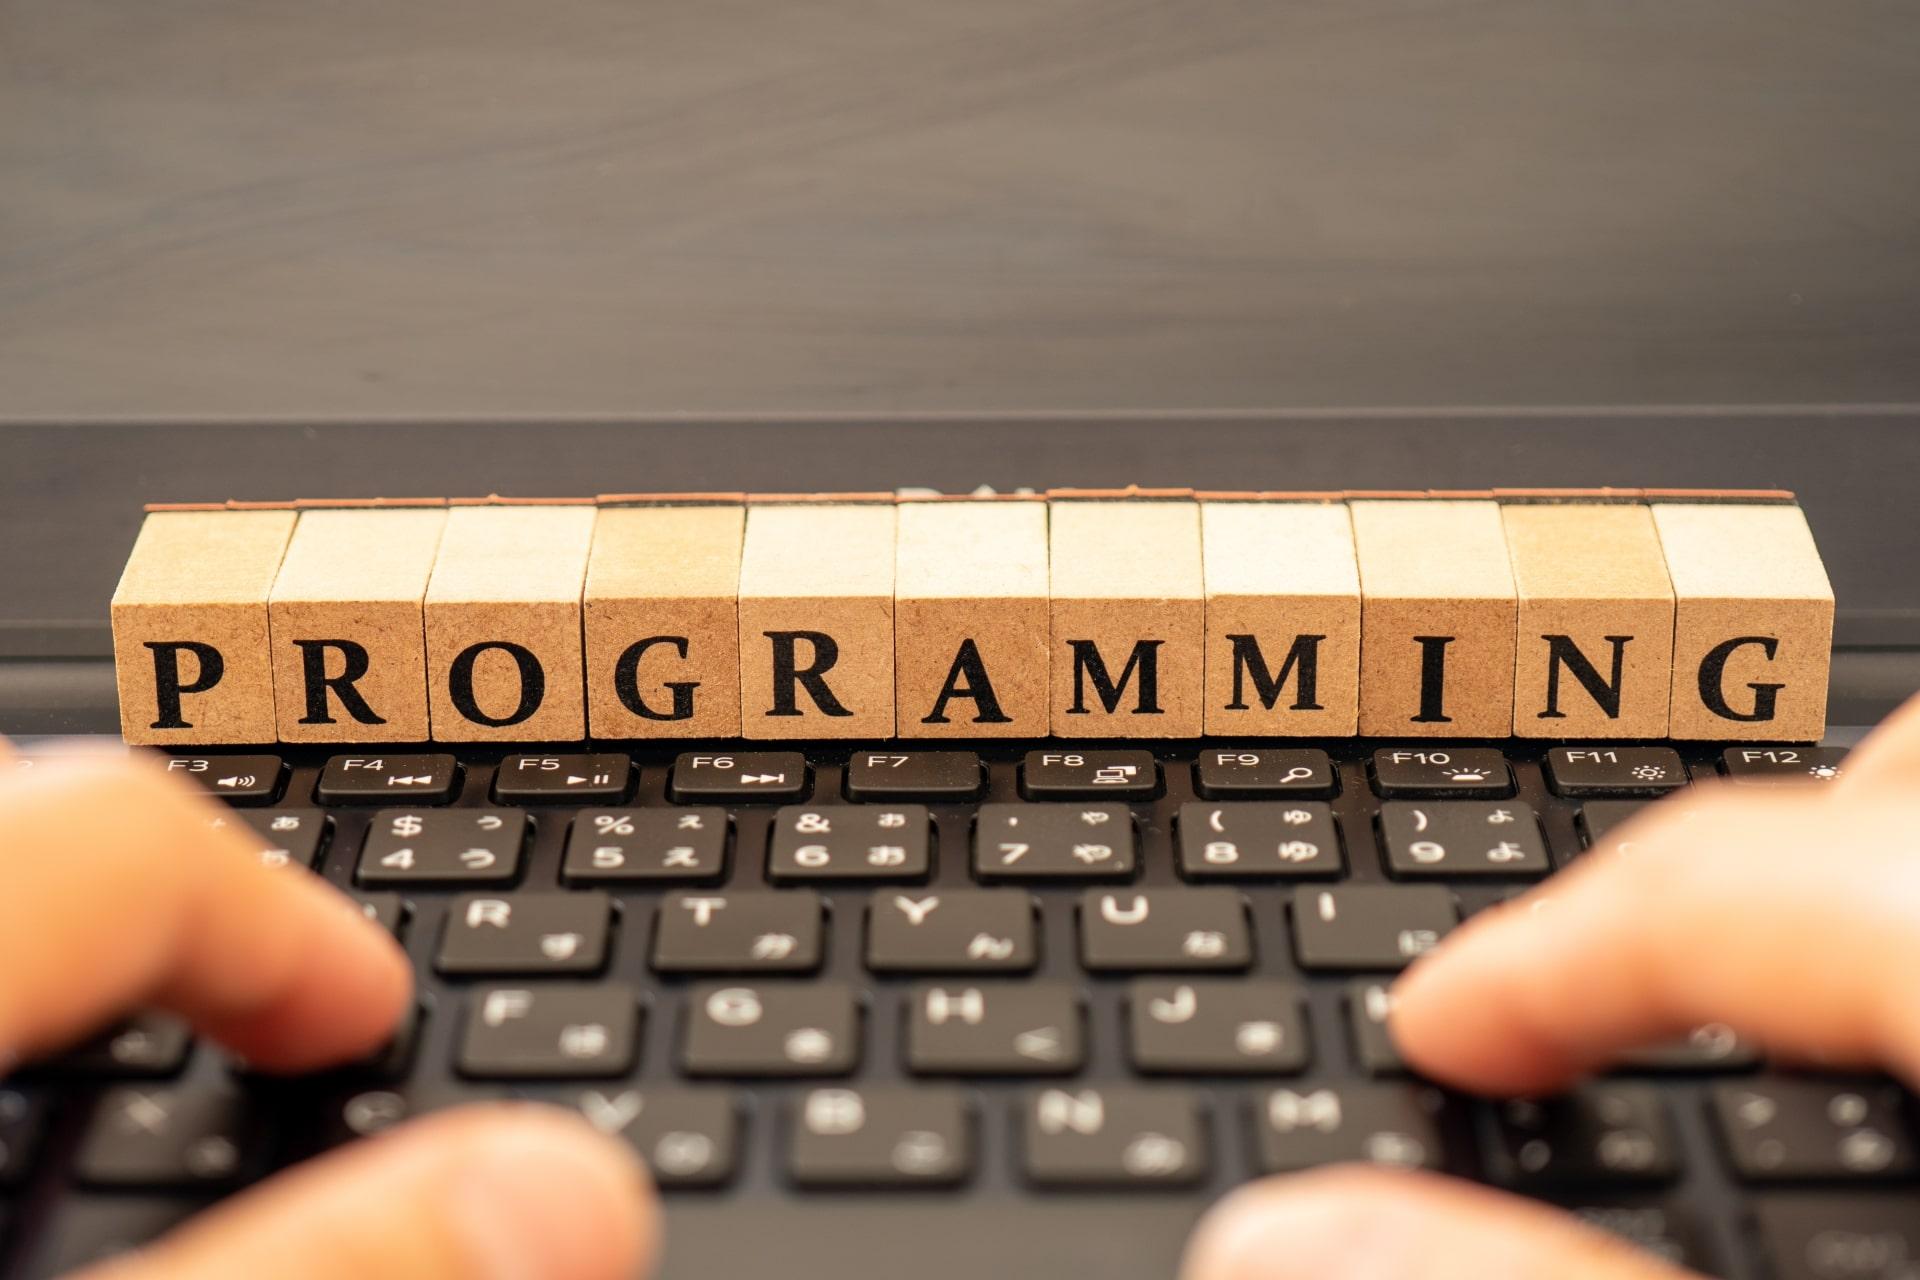 現役エンジニアがプログラミング初心者におすすめ言語5選を紹介